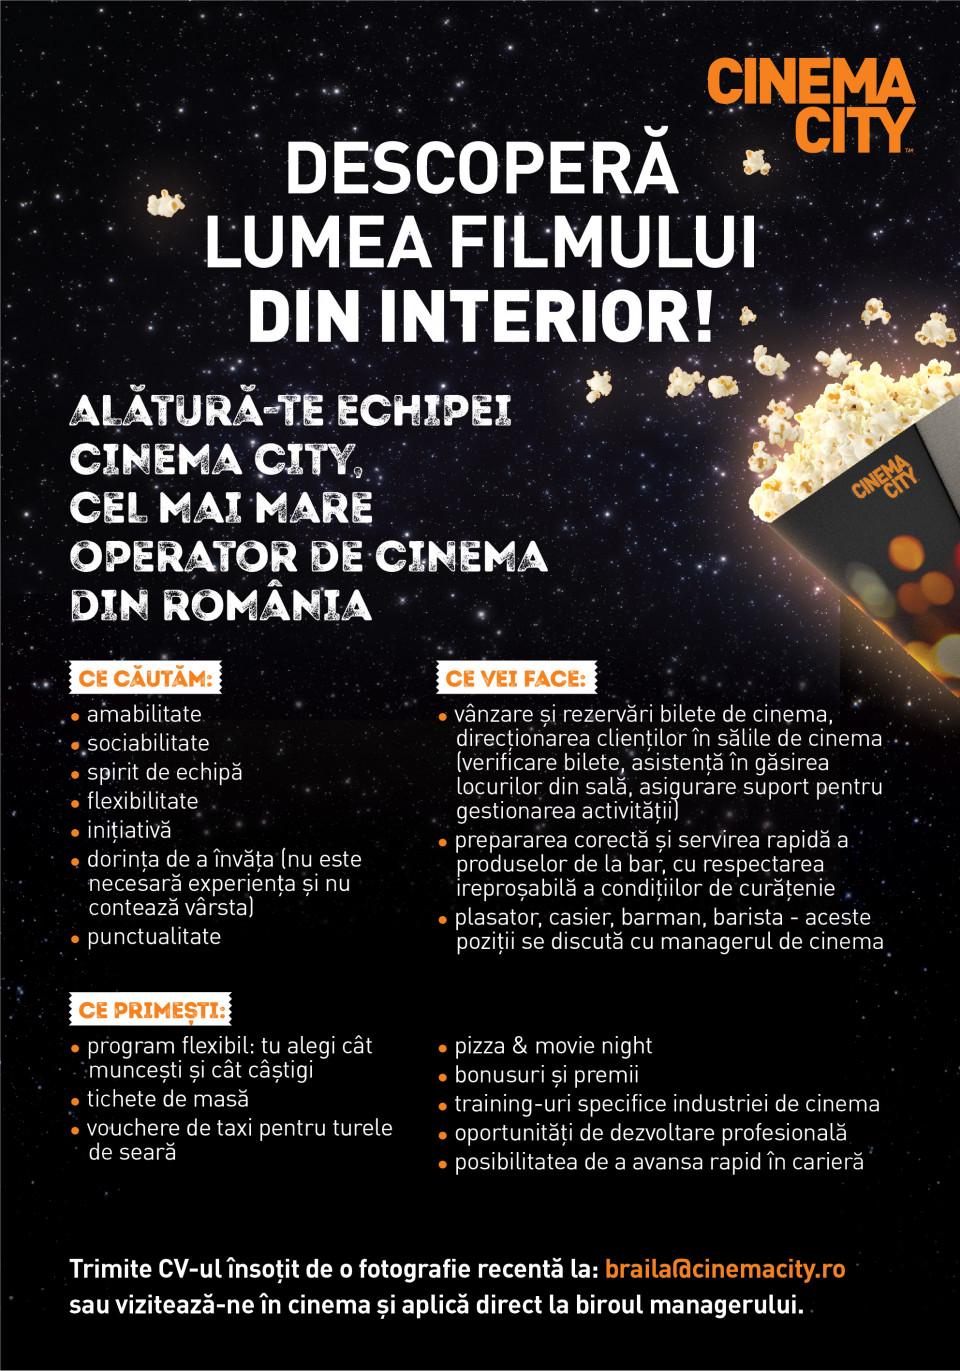 DESCOPERĂ LUMEA FILMULUI DIN INTERIOR!  Alătură-te echipei Cinema City, cel mai mare operator de cinema din România.  Cum ne dorim sa fie noul nostru coleg:  Cu atitudine pozitivă Dornic să învețe (nu este necesară experiența și nu contează vârsta) Punctual Cu bune abilități de comunicare și relaționare Amabil Să îi placă să lucreze în echipă Determinat Cu inițiativă Căutăm colegi care să descopere cu entuziasm lumea filmului din interior pentru următoarele roluri  Barman / Barista / Casier / Plasator  În funcție de rolul potrivit pentru tine, responsabilitățile generale ar putea fi:  - vânzarea de bilete și rezervări bilete de cinema, direcționarea clienților în cinema (verificare bilete, asistență în găsirea locurilor din sală, asigurare suport pentru gestionarea activității);  - preparea corectă și servirea rapidă a produselor de la bar sau cafenea, cu respectarea ireproșabilă a condițiilor de curățenie;  - întâmpinarea clienților și oferirea informațiilor corecte despre produsele noastre;  Barman / Barista / Casier / Plasator – aceste poziții se discută în cadrul interviului.  Ce îți garantăm:  - Program flexibil (tu alegi cât muncești și cât câștigi) - Tichete de masa - Pizza & Movie night - Bonusuri și premii - Training-uri specifice industriei de cinema - Vouchere de taxi pentru turele de seară - Oportunități de dezvoltare profesională - Posibilitatea de a avansa rapid în carieră  Punem accent pe dezvoltarea oamenilor și ne dorim ca fiecare coleg să fie foarte bine pregătit profesional existând șanse de promovare. Dezvoltă și tu o carieră în industria de cinema!  Trimite CV-ul insotit de o fotografie recenta la: braila@cinemacity.ro sau viziteaza-ne in cinema si aplica direct la biroul managerului.  Te așteptăm cu drag! Descoperă lumea filmului din interior!Alătură-te echipei Cinema City, cel mai mare operator de cinema din România, parte din Cineworld, al doilea mare lanț de cinematografe din lume!Ne dorim să fim cel mai bun loc unde se vizionează filmele și